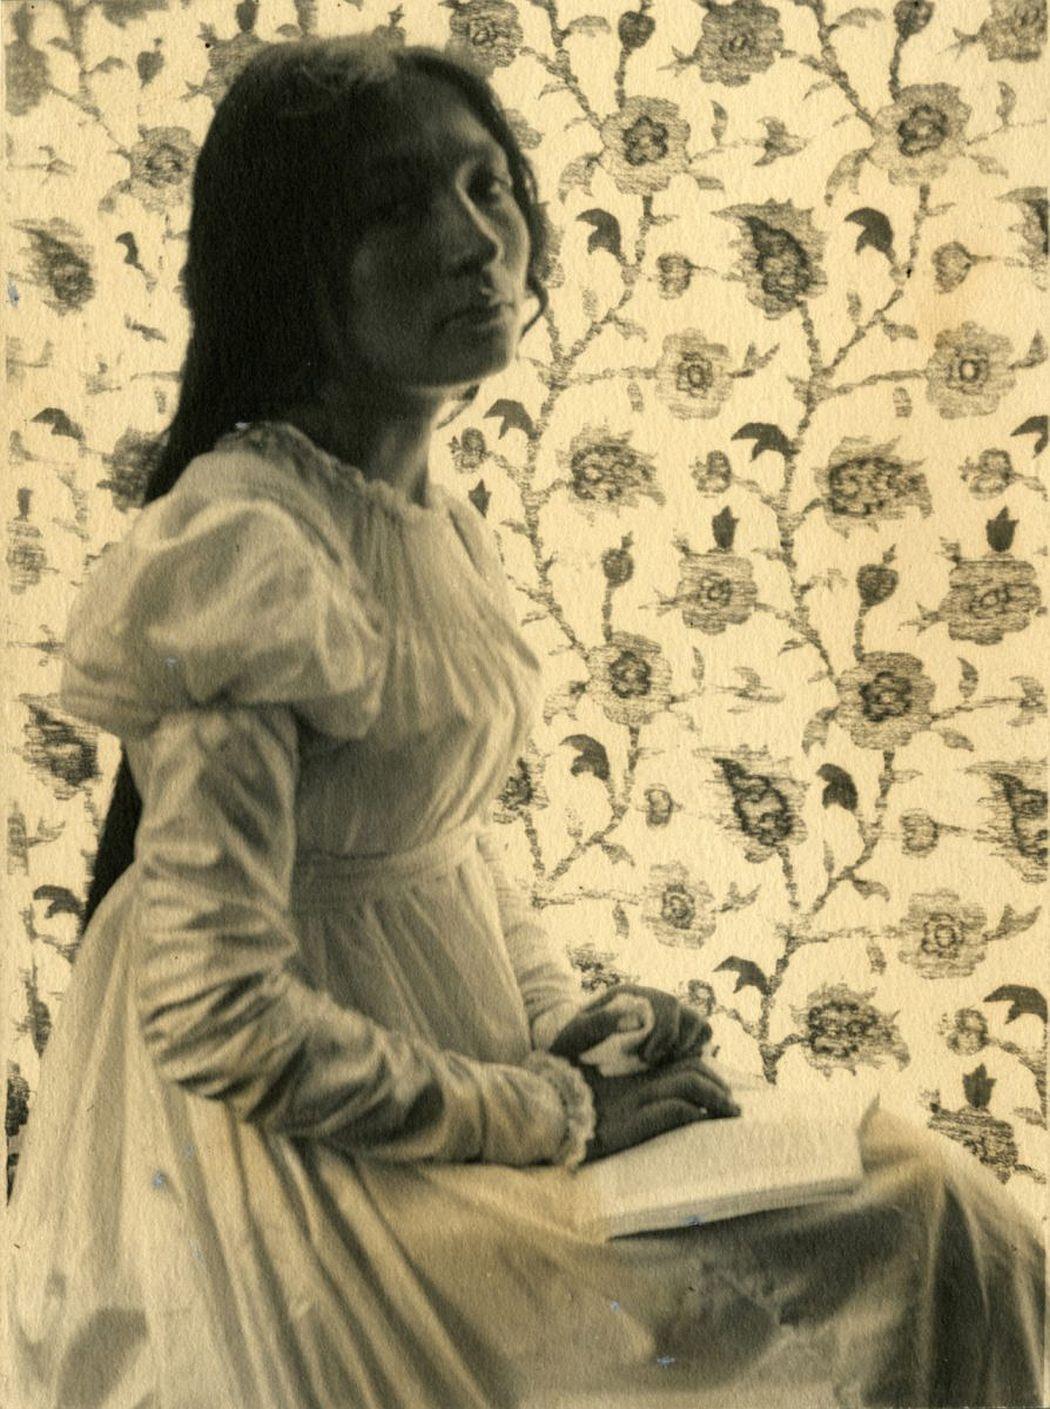 Gertrude Käsebier (1852–1934) Porträt von Zitkala-Ša, 1898 Platindruck, 16 x 12 cm Kunstpalast, Düsseldorf